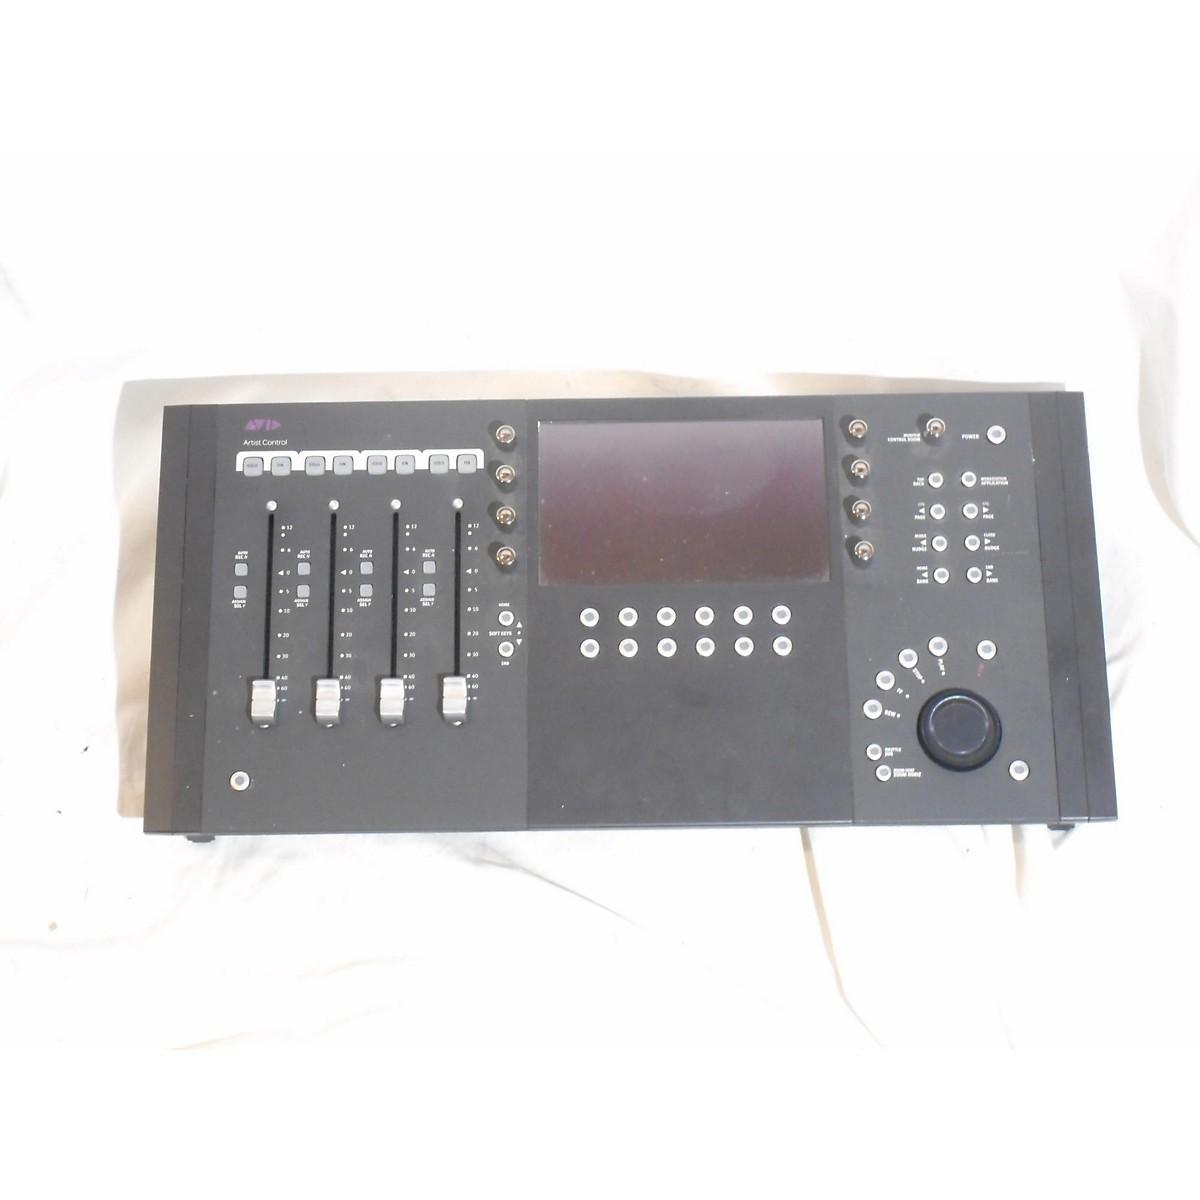 Avid Artist Control Digital Mixer